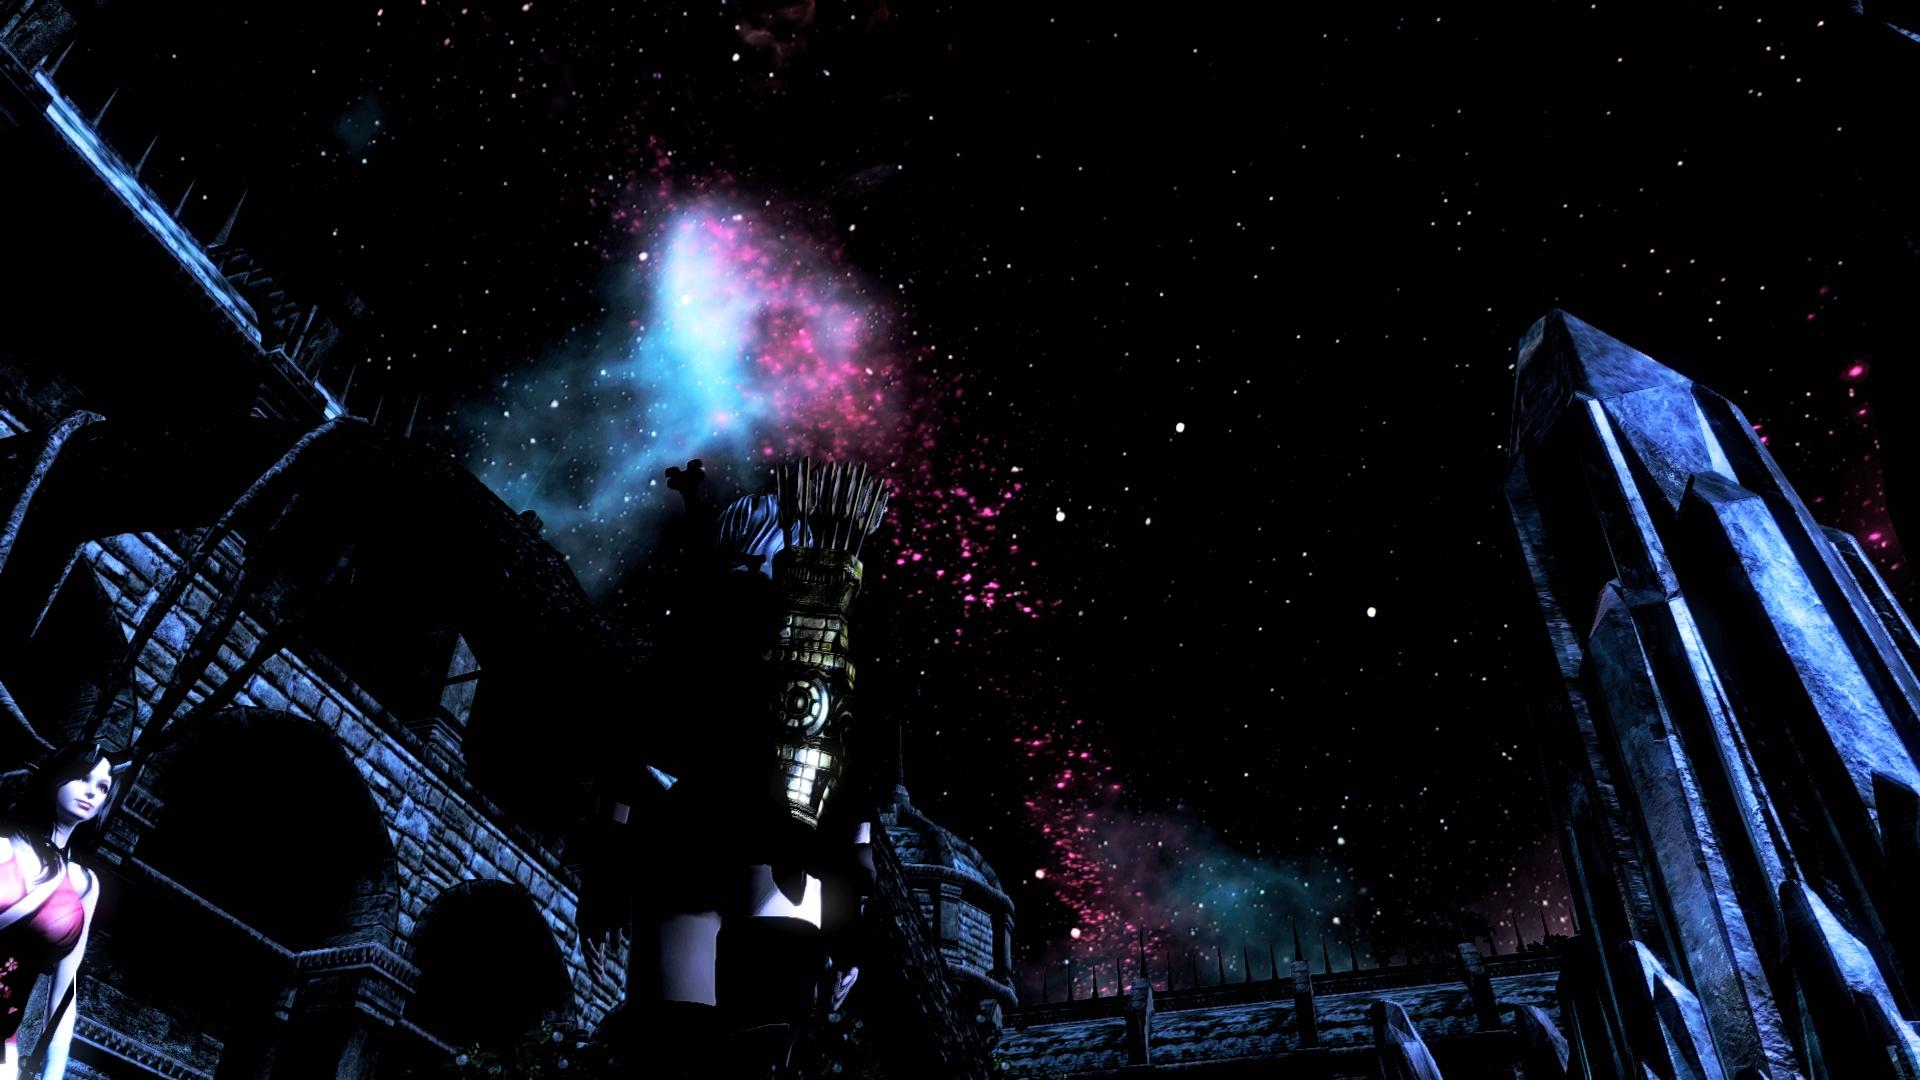 Oblivion 2011-12-29 19-26-33-21